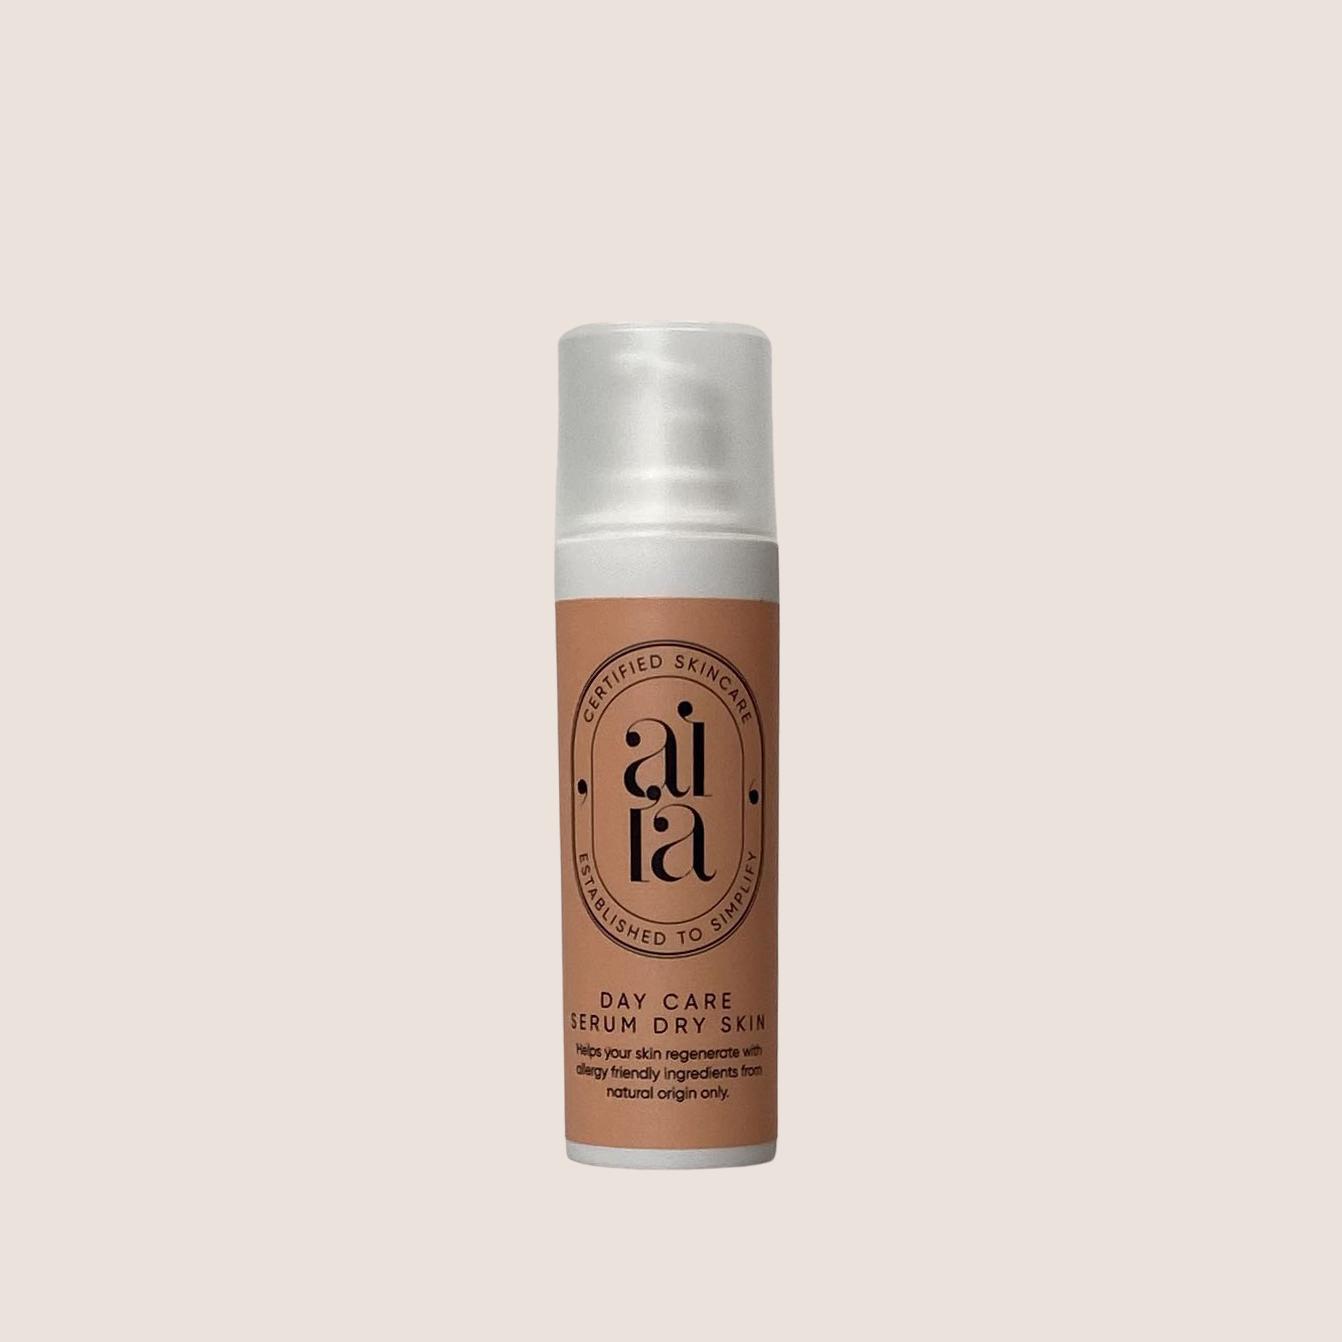 Day Care Serum Dry Skin